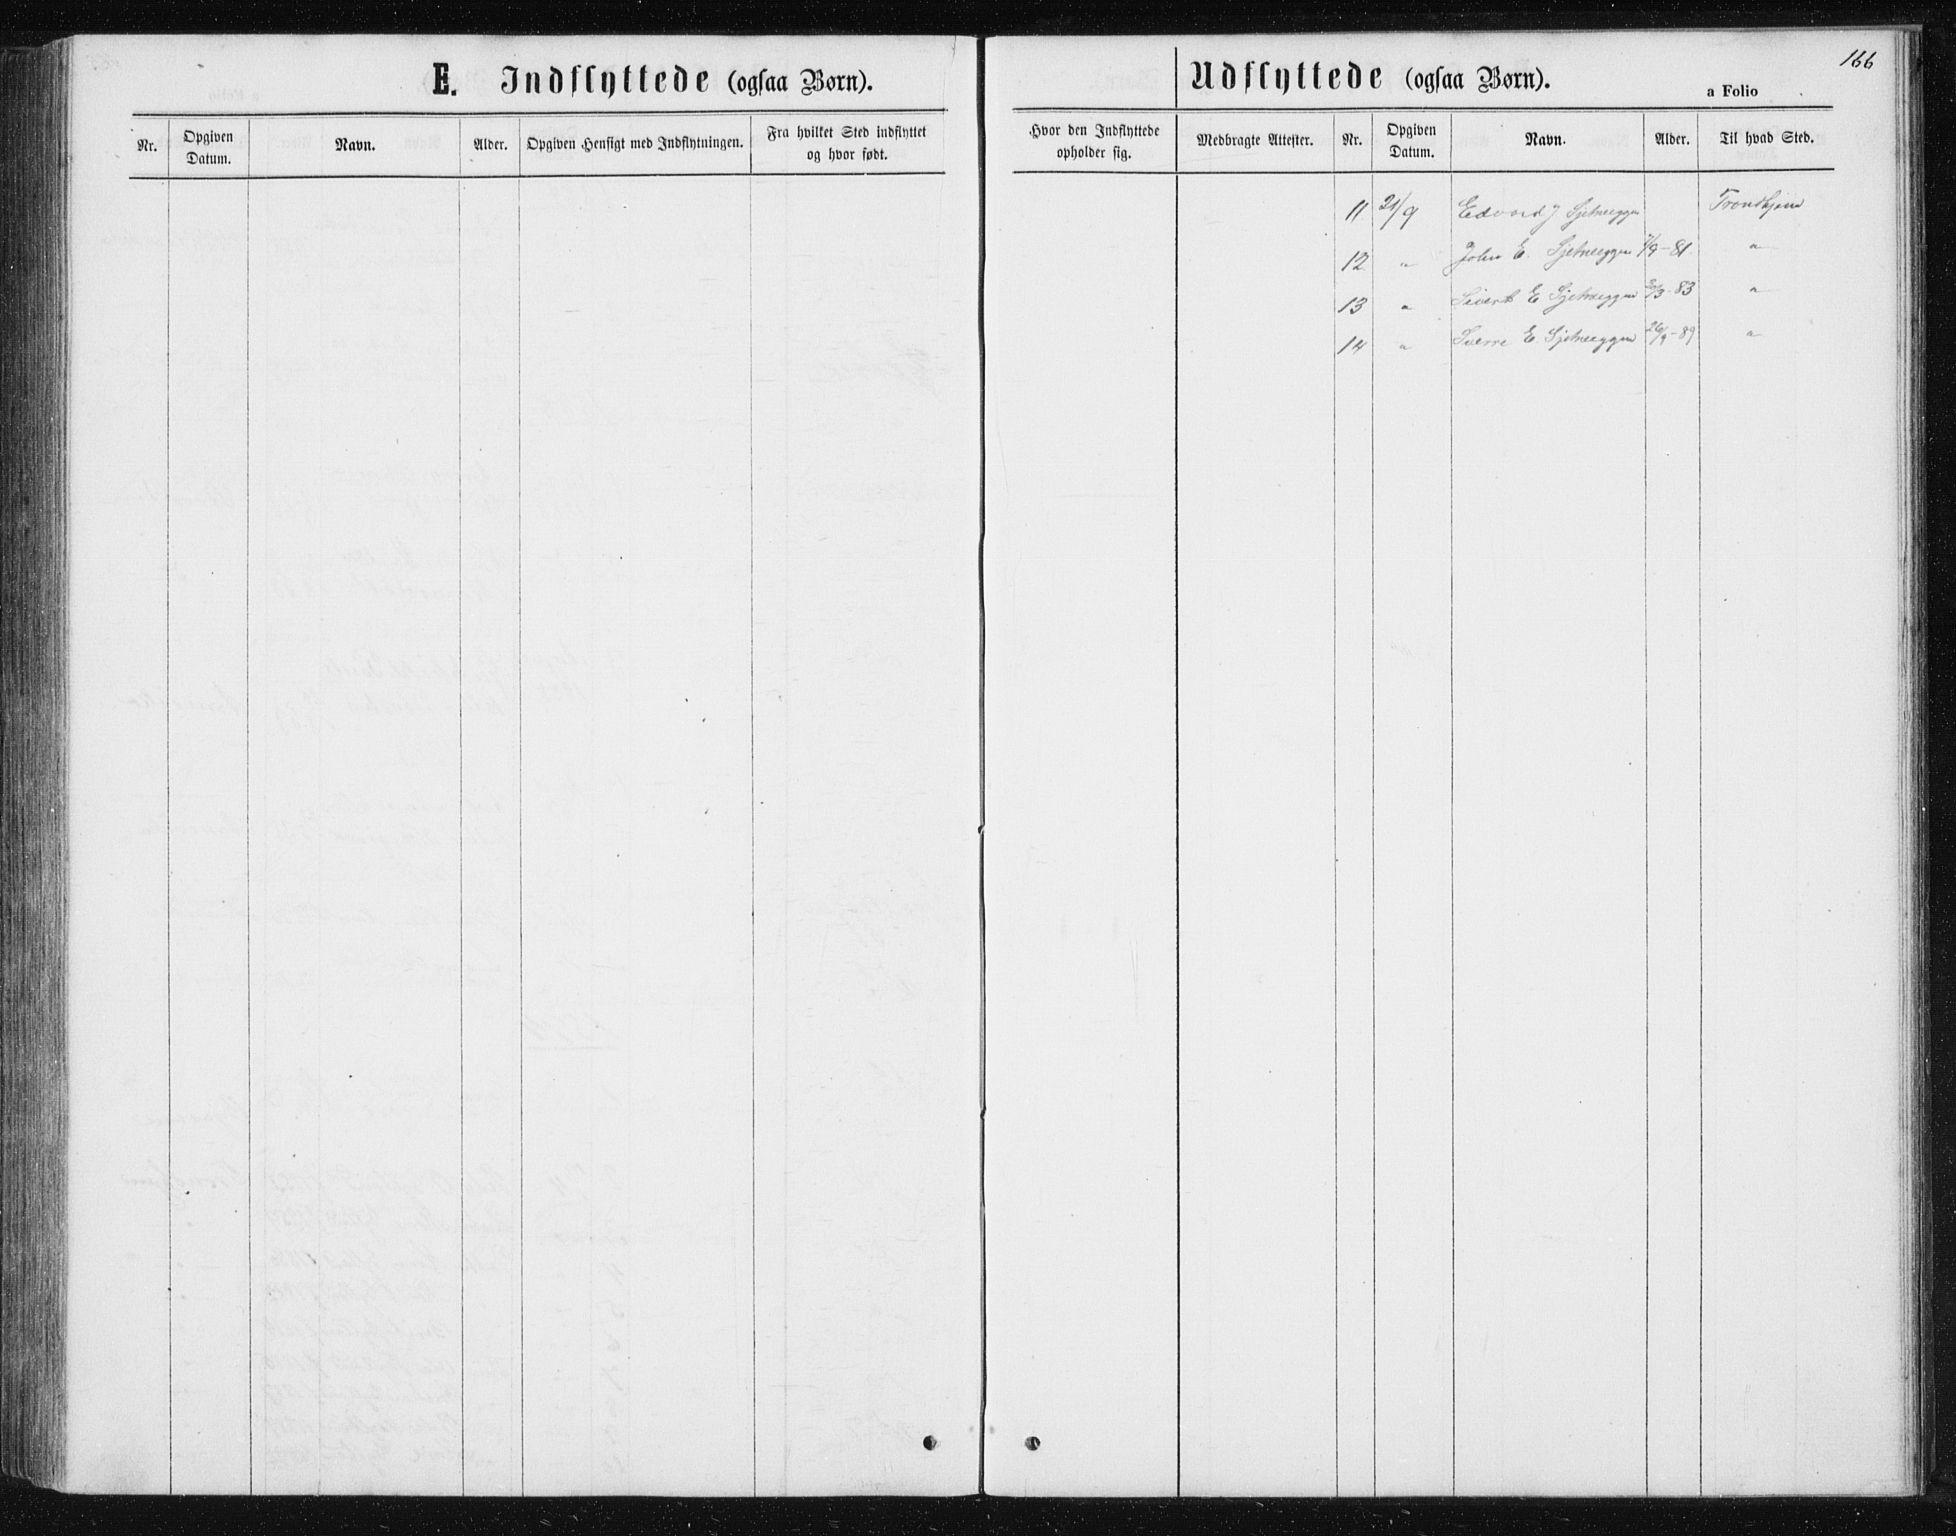 SAT, Ministerialprotokoller, klokkerbøker og fødselsregistre - Sør-Trøndelag, 621/L0459: Klokkerbok nr. 621C02, 1866-1895, s. 166